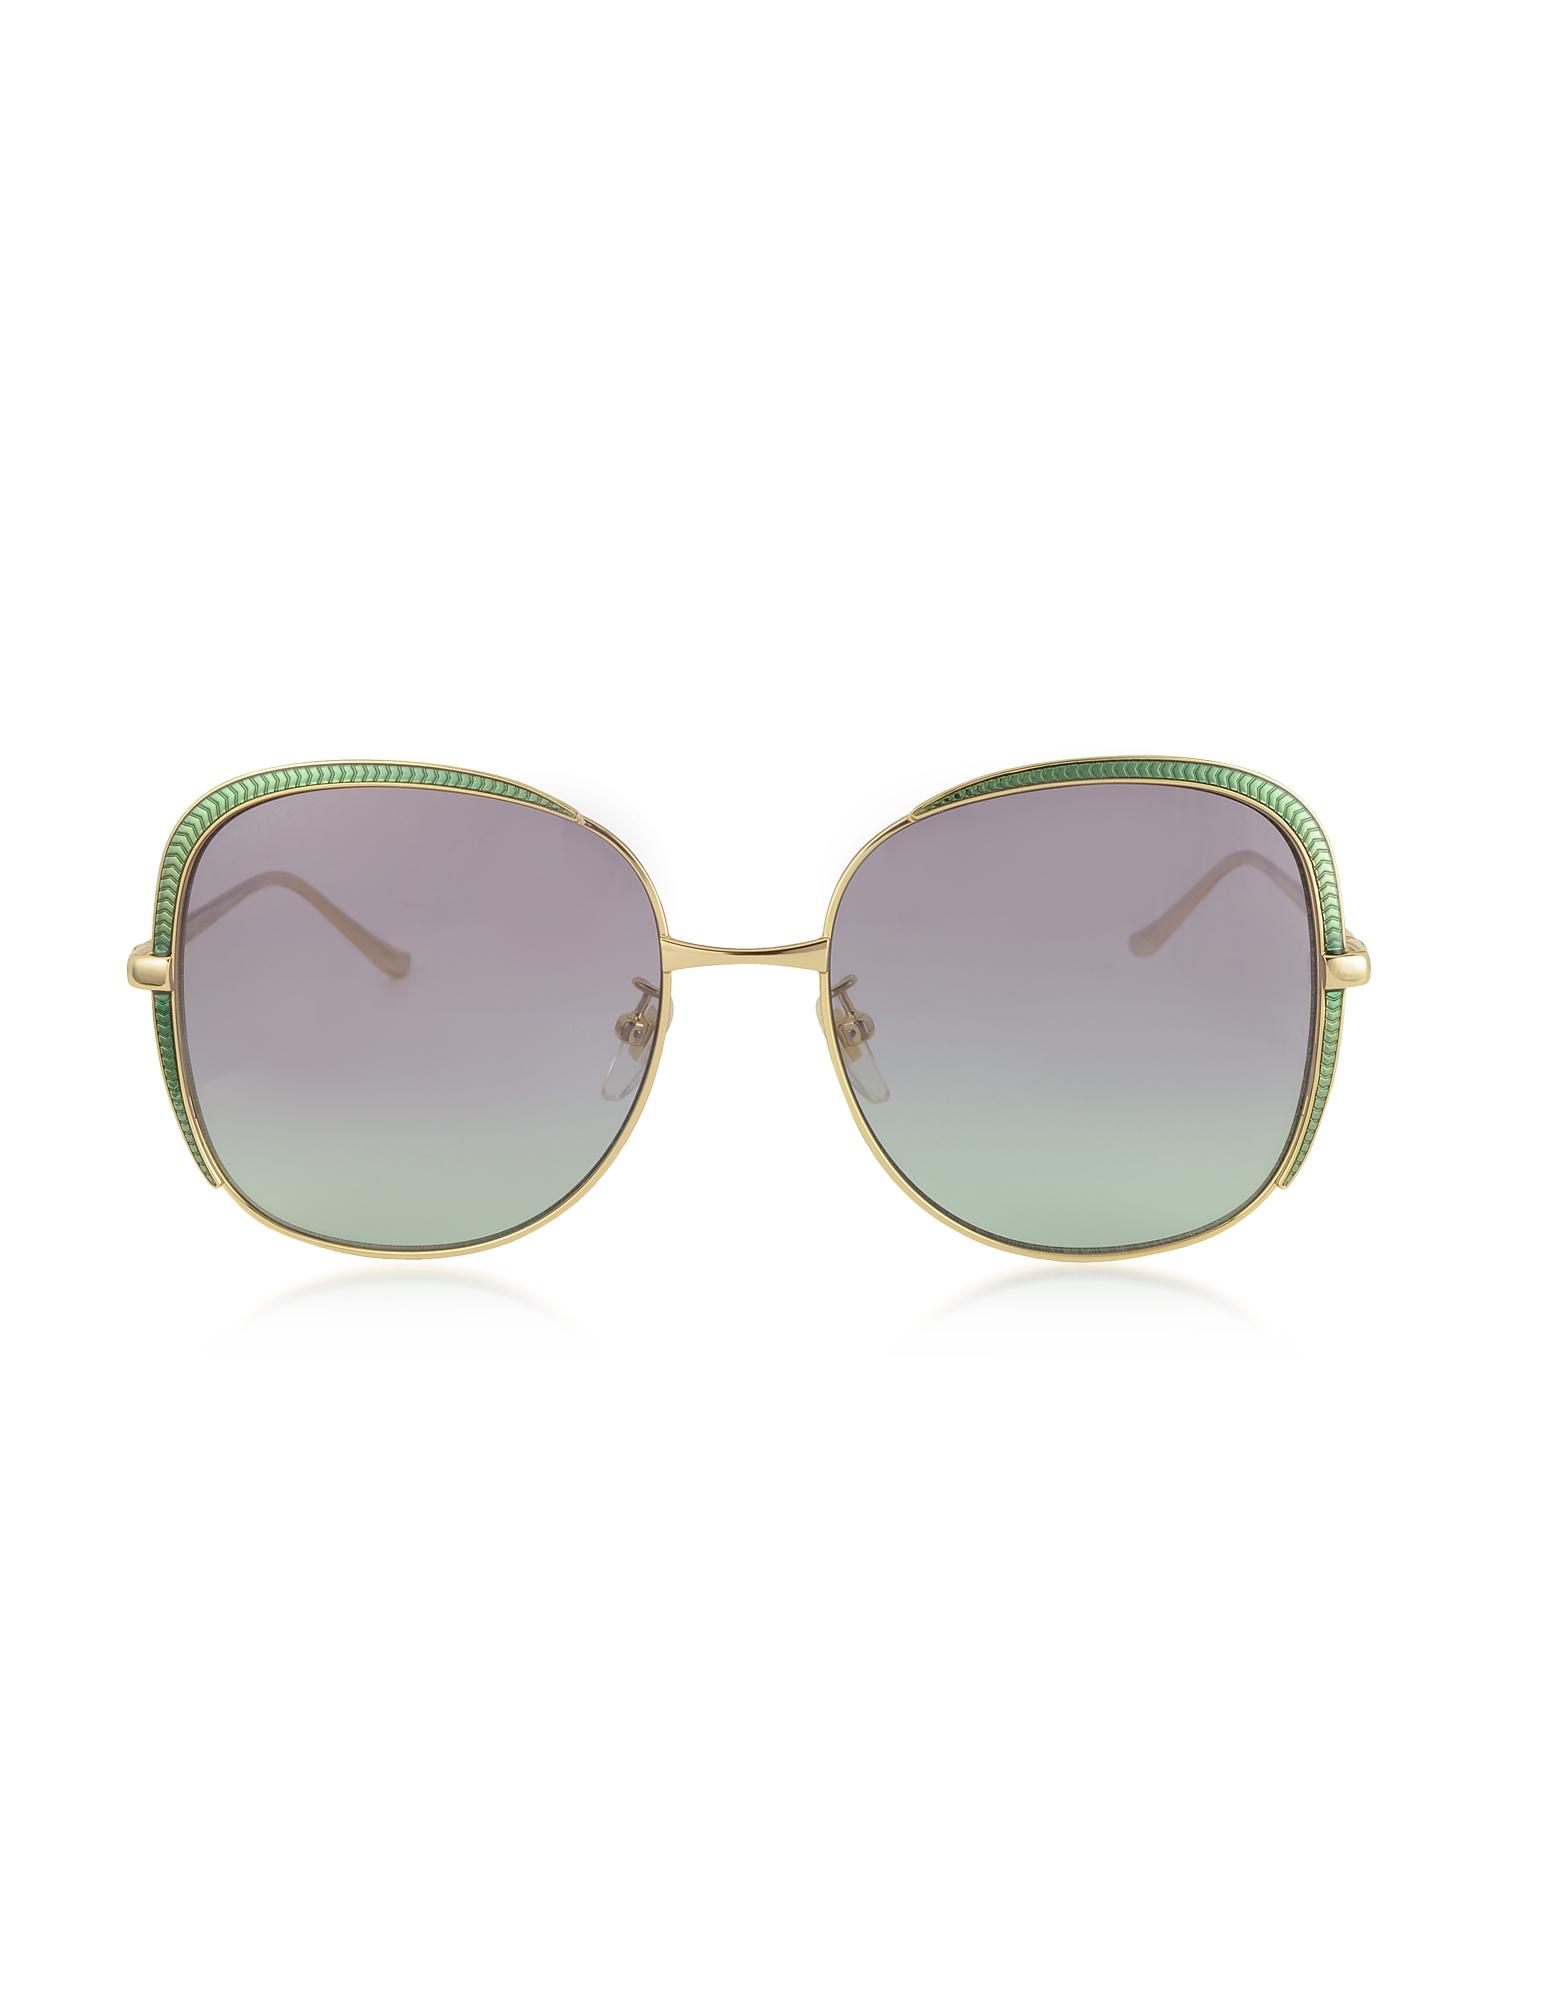 Gucci Designer Sunglasses, GG0400S Shiny Gold Guilloché Metal Frame Sunglasses